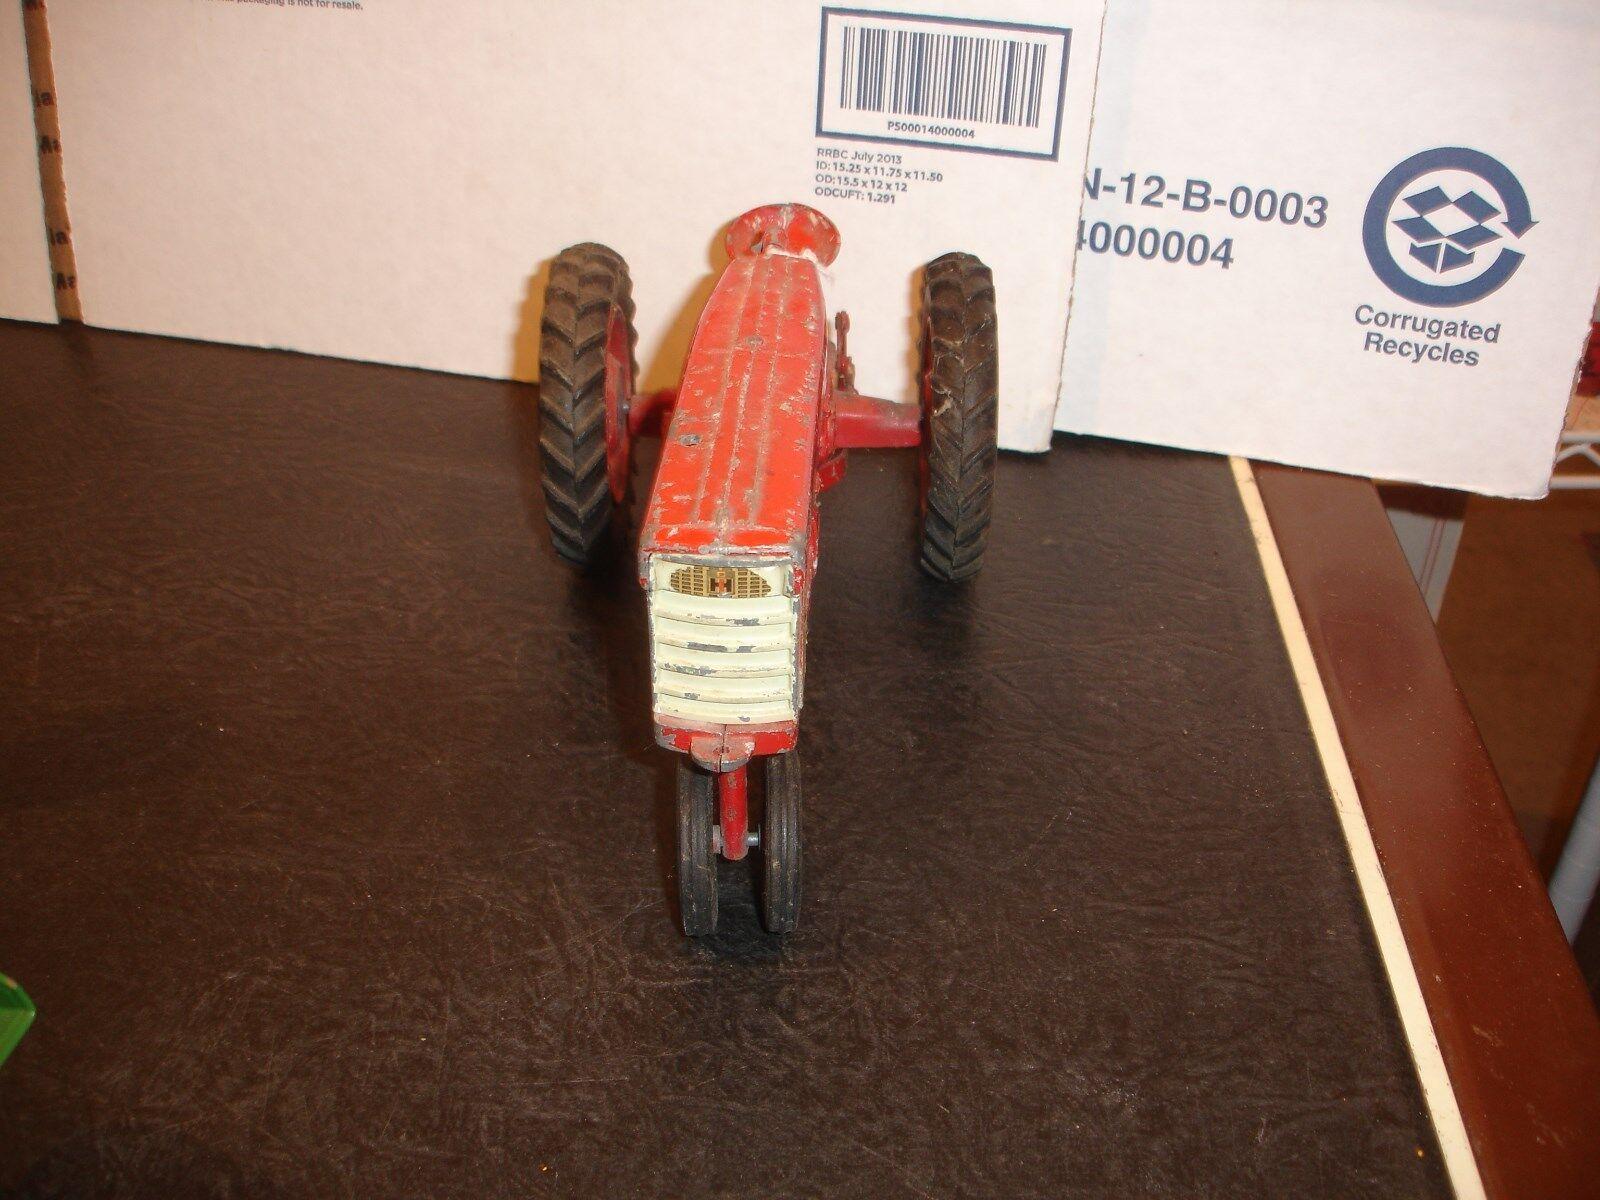 ventas en línea de venta 1 16 Tractor de Juguete Juguete Juguete de punto internacional 560 2  al precio mas bajo